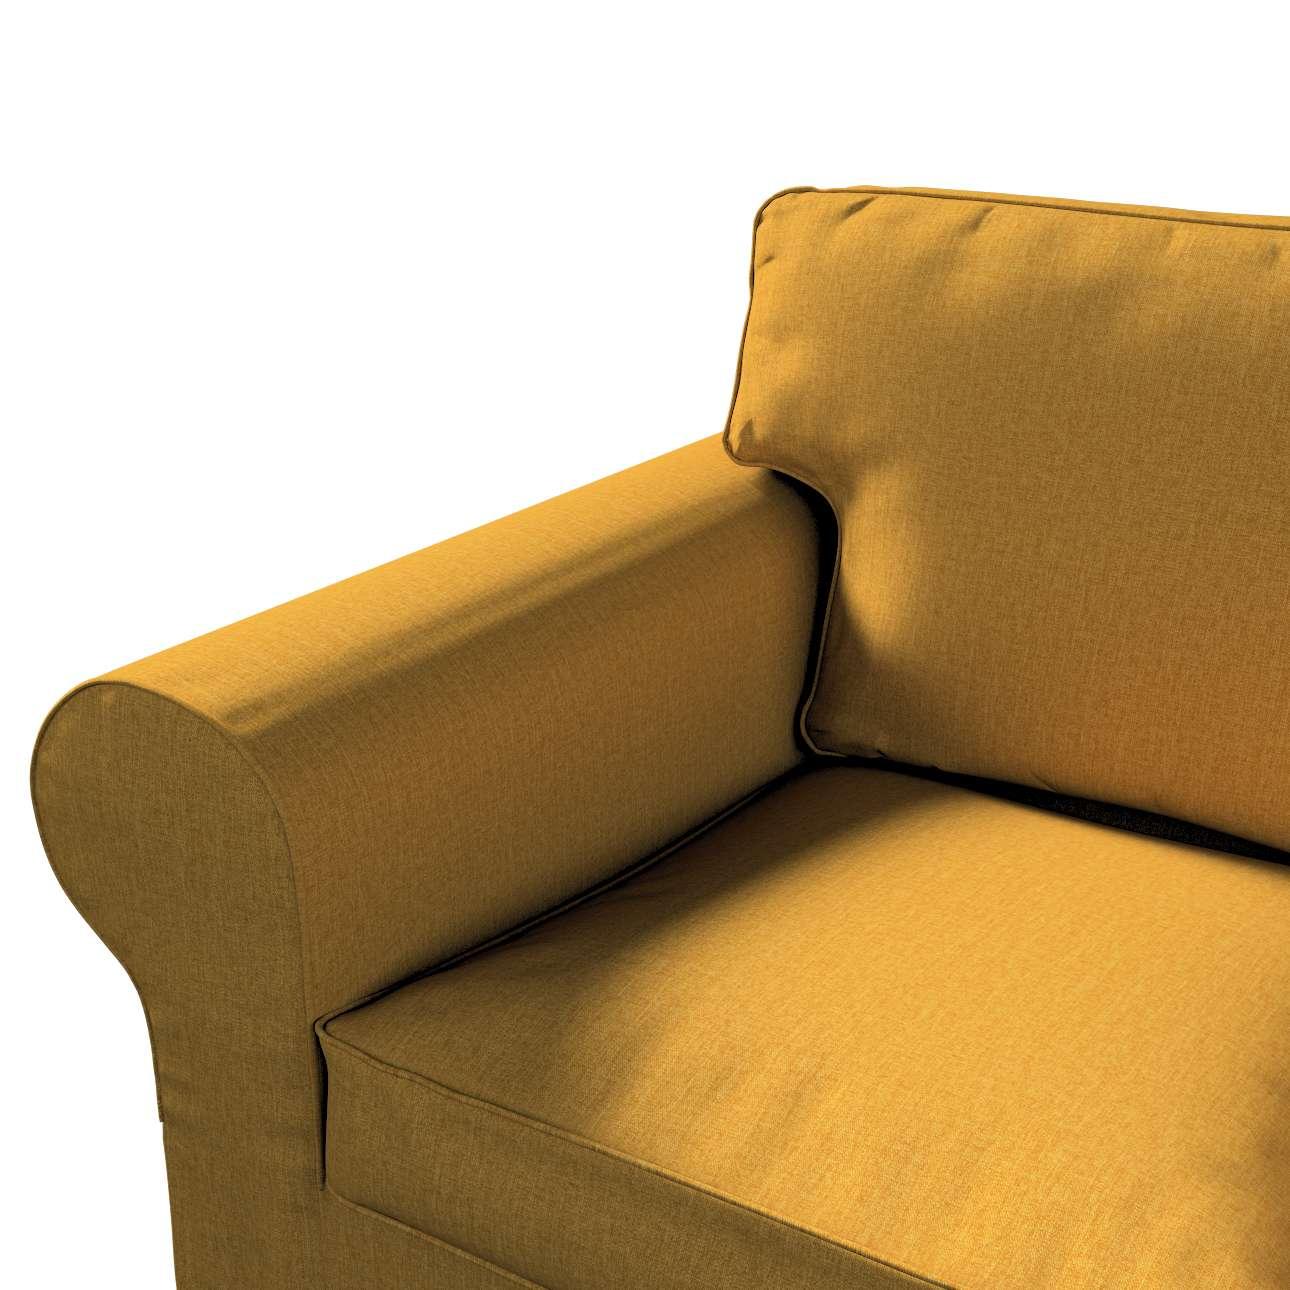 Bezug für Ektorp 2-Sitzer Sofa nicht ausklappbar von der Kollektion City, Stoff: 704-82